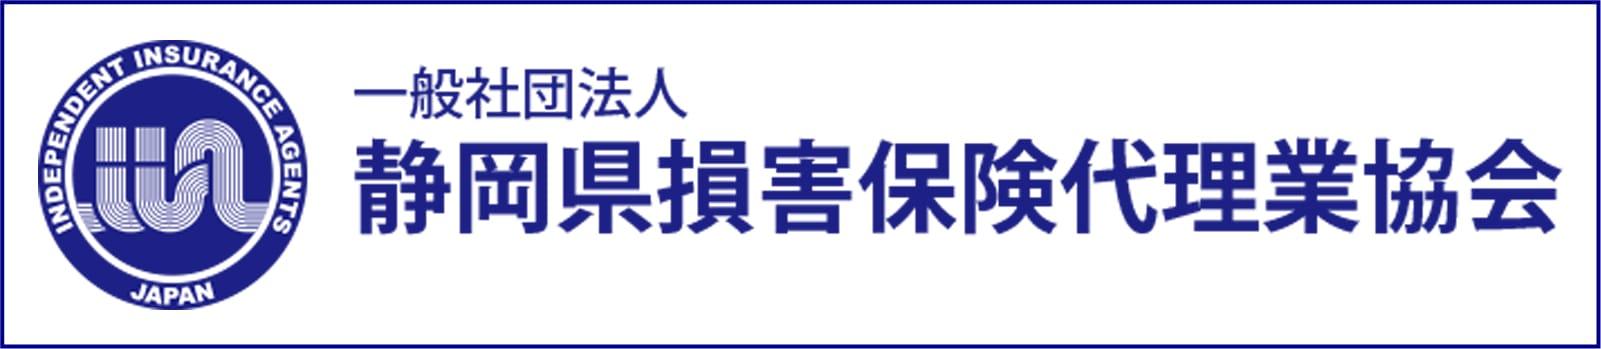 損害保険代理業協会